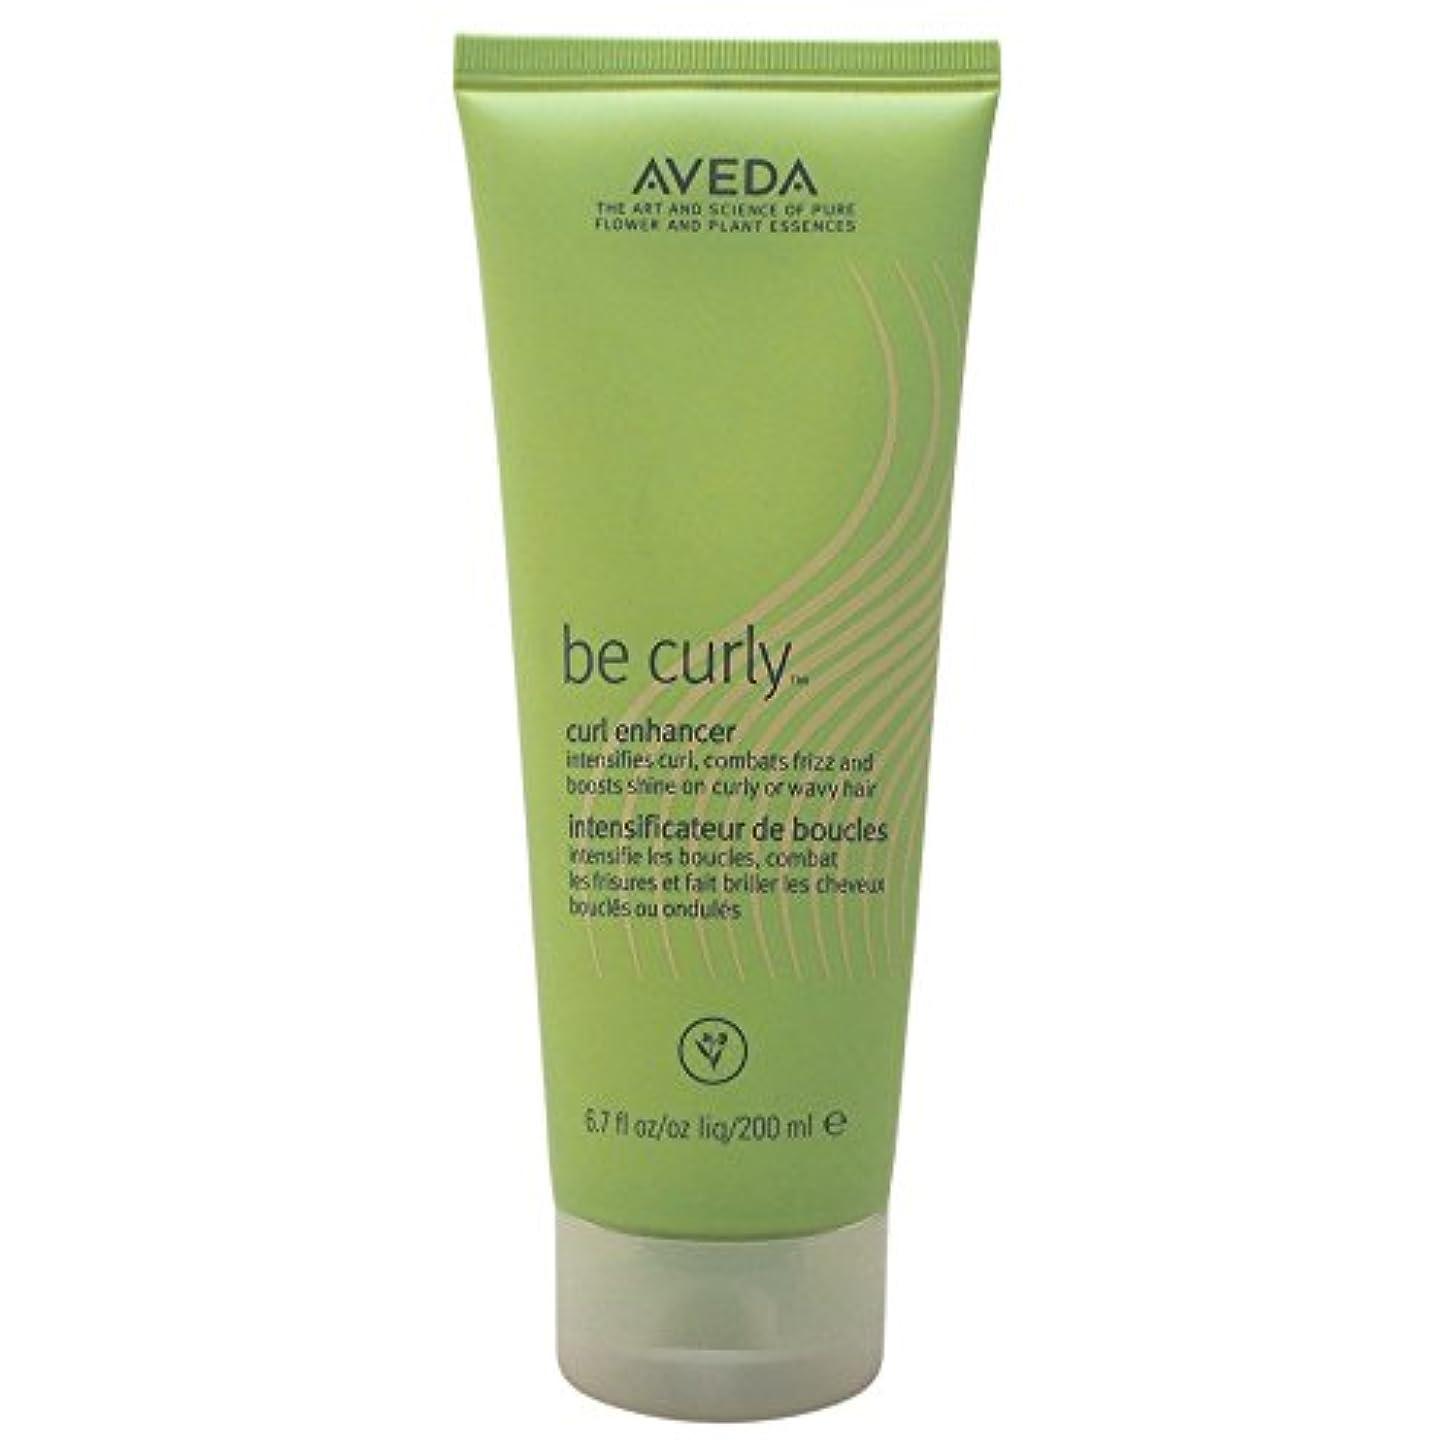 フィットネス計画ダンプAveda Be Curly Curl Enhancing Lotion 200ml [並行輸入品]